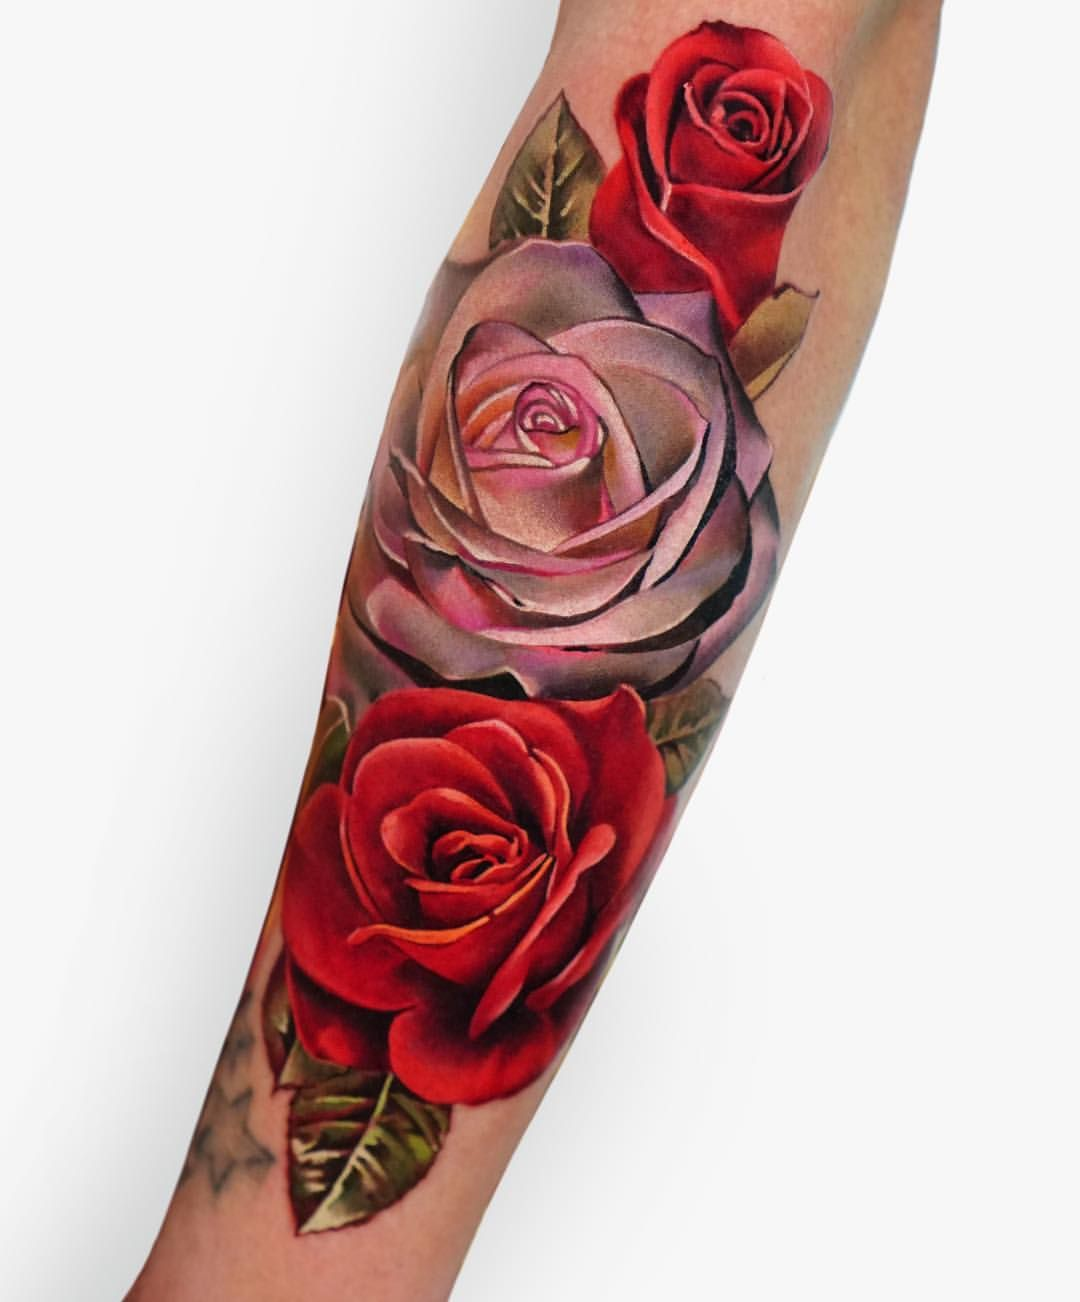 Antonina Troshina Rostra Instagram Posts Videos Stories Picoji 1 Session Spo Colorful Rose Tattoos Watercolor Rose Tattoos Rose Tattoos For Women